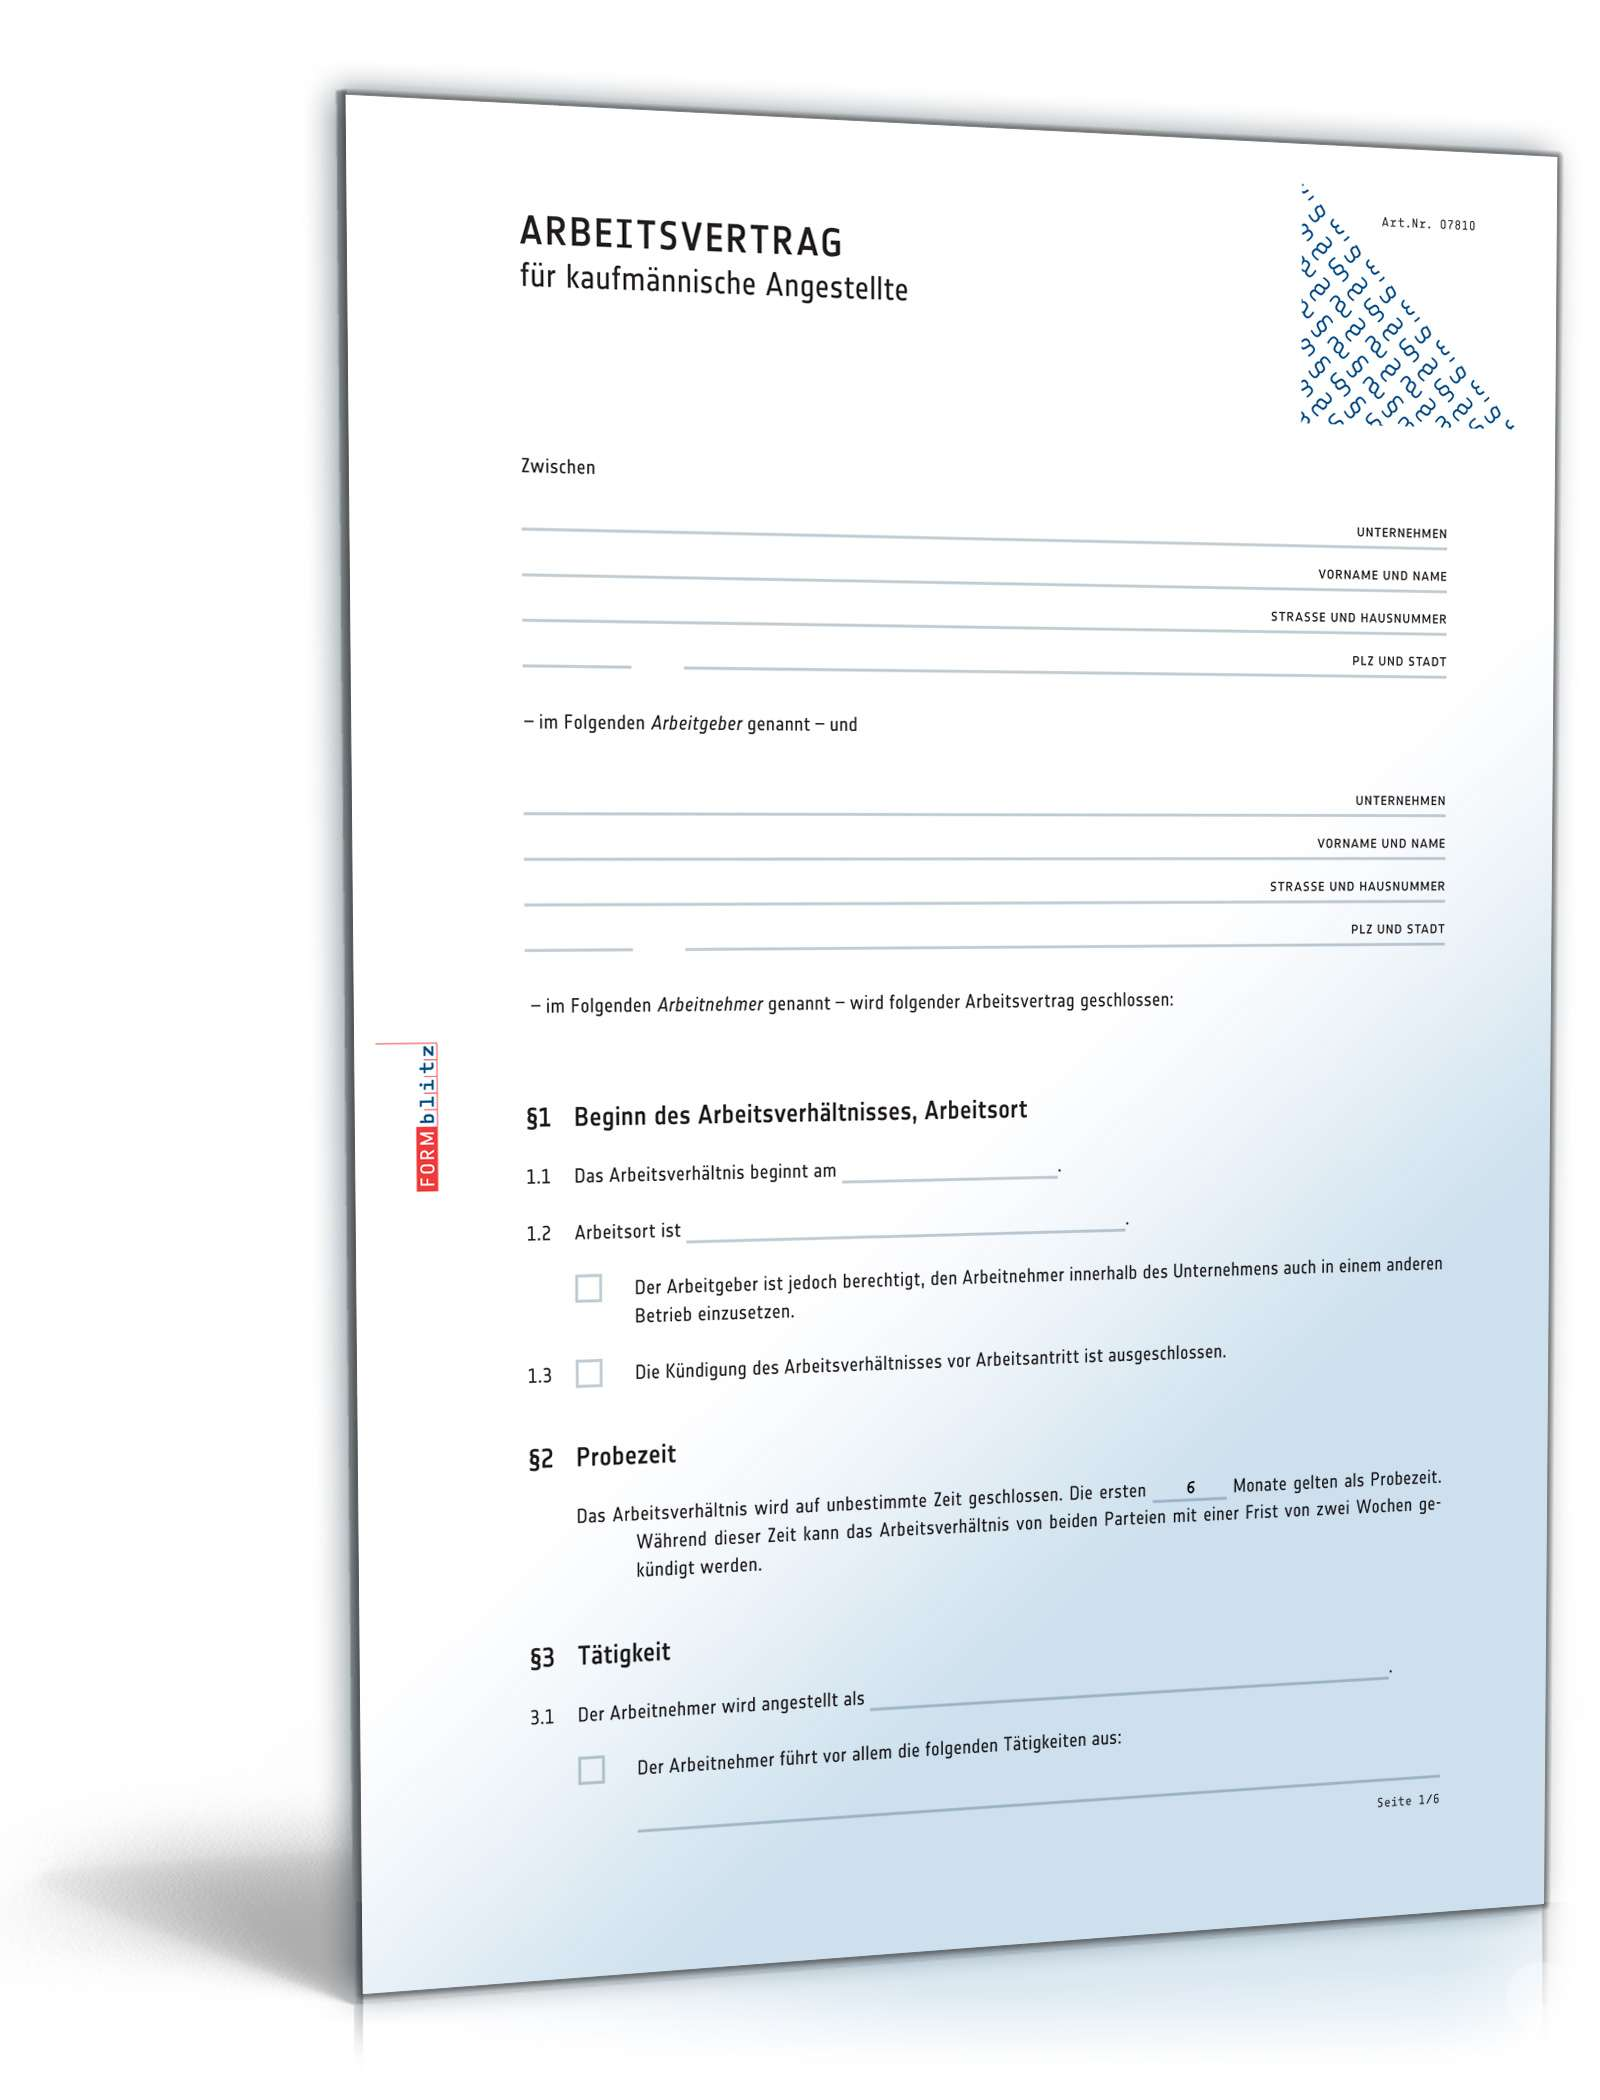 Arbeitsvertrag Kaufmännische Angestellte Muster Zum Download